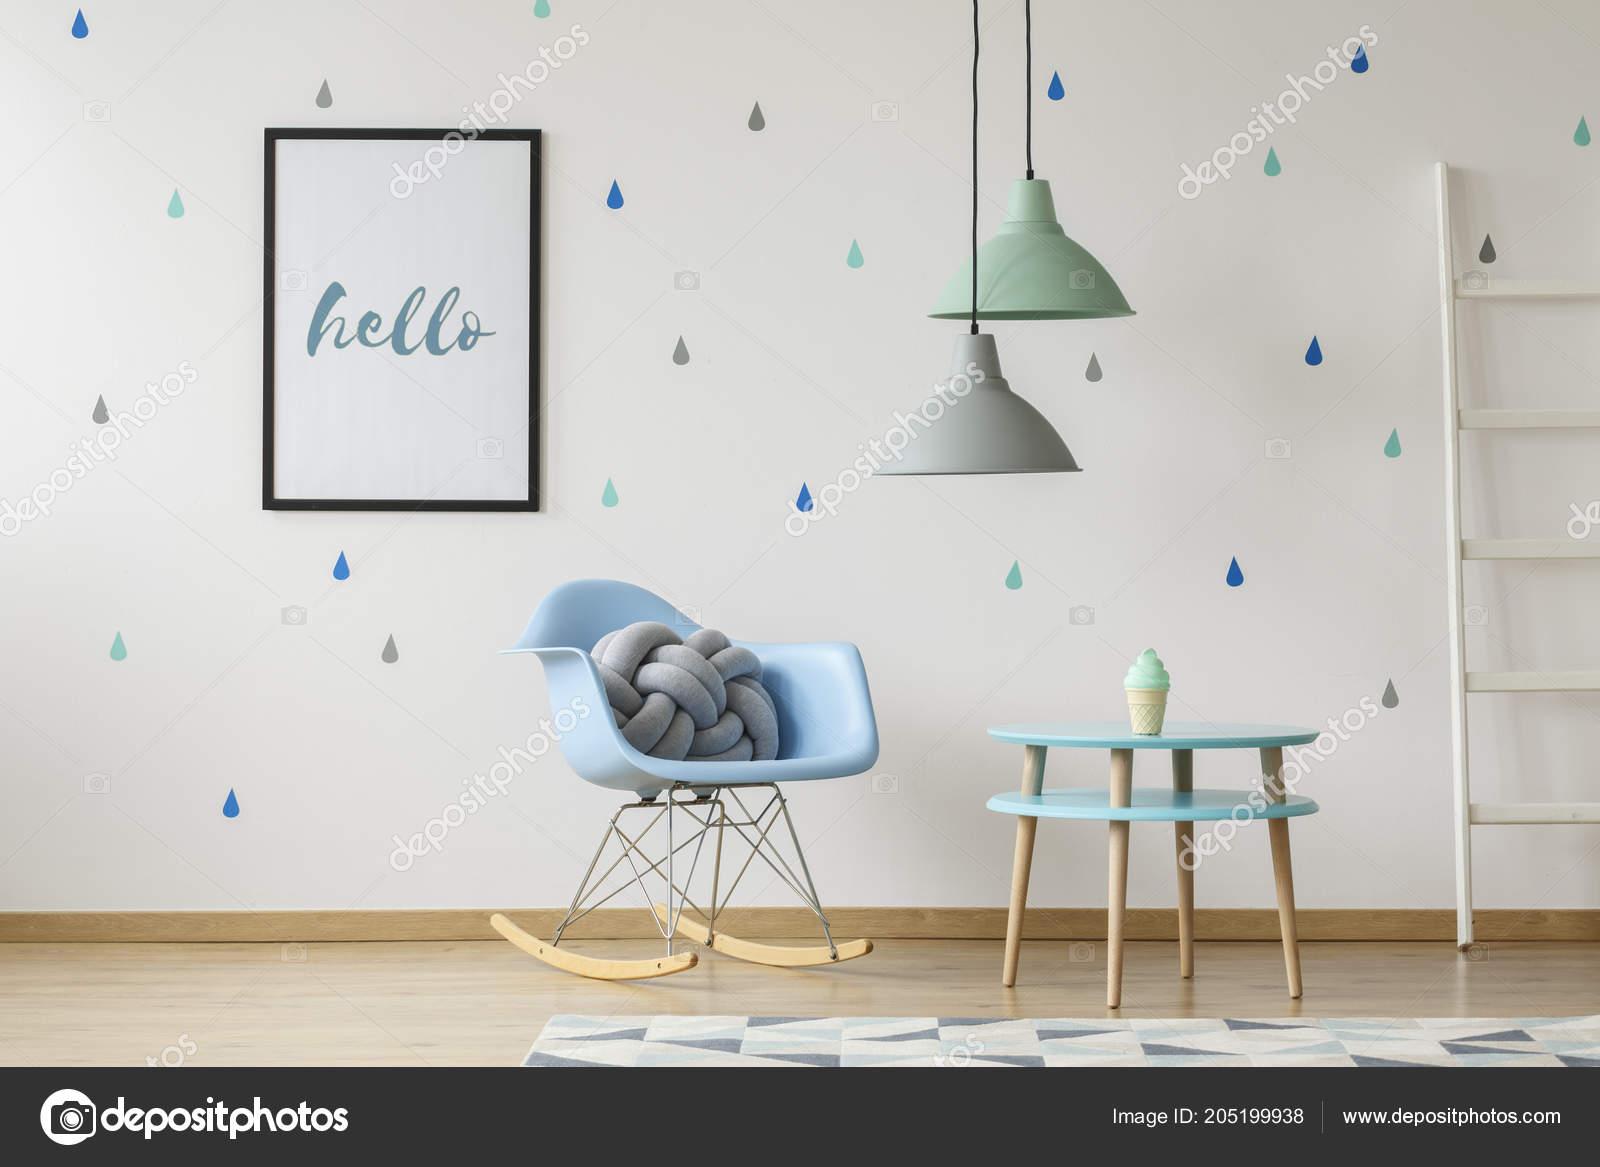 Coussin Gris Noeud Sur Un Permanent Bleu Chaise Berçante Dans Un Intérieur  De Chambre Enfant Blanc Avec Des Gouttes De Pluie Bleu Papier Peint Sur Le  Mur.